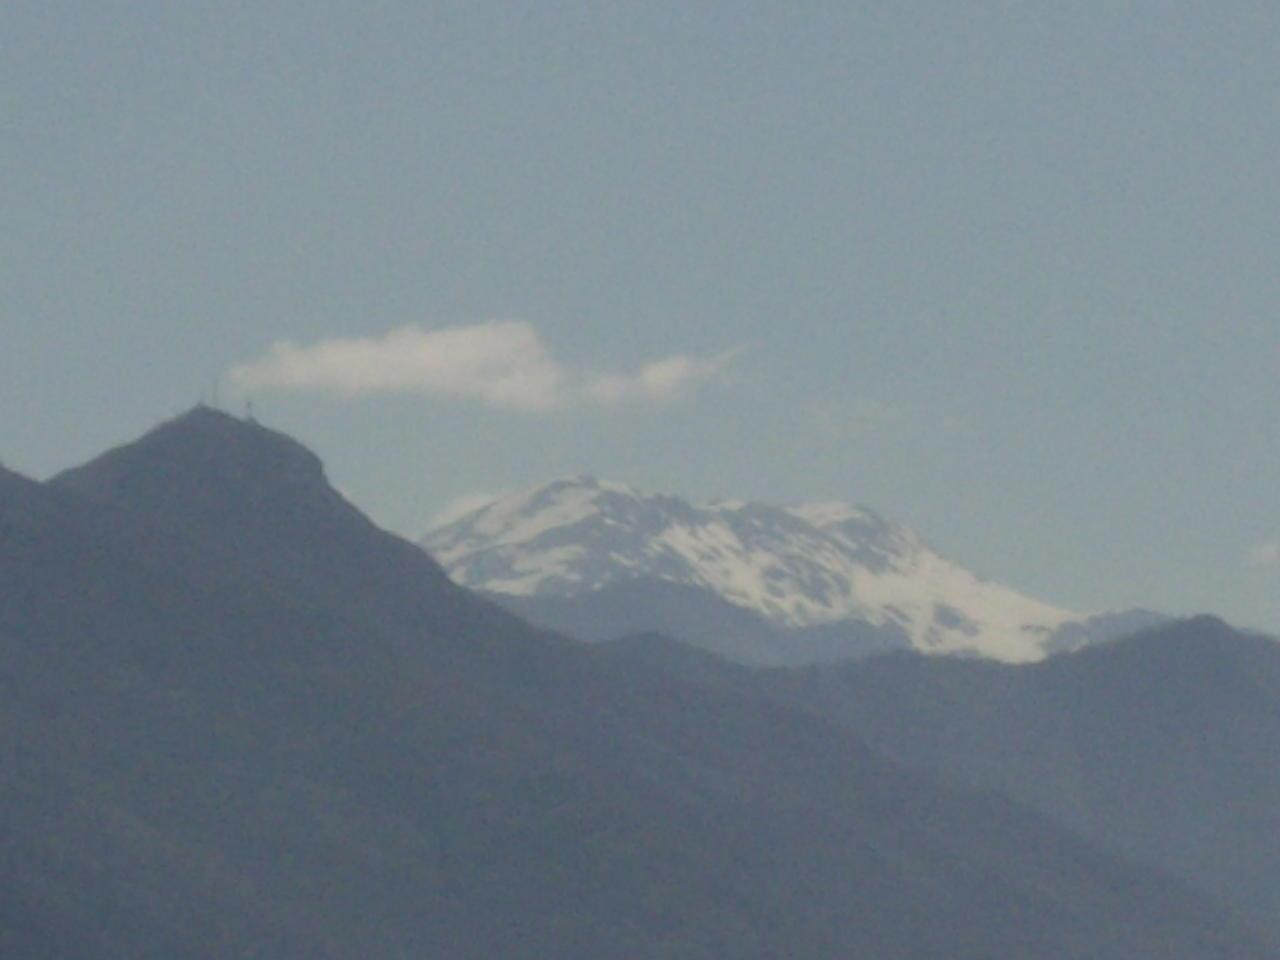 Matese, Campania, 19 giugno 2013 e nowcasting estate 2013-benedizione-tessere-cif-2013-007.jpg